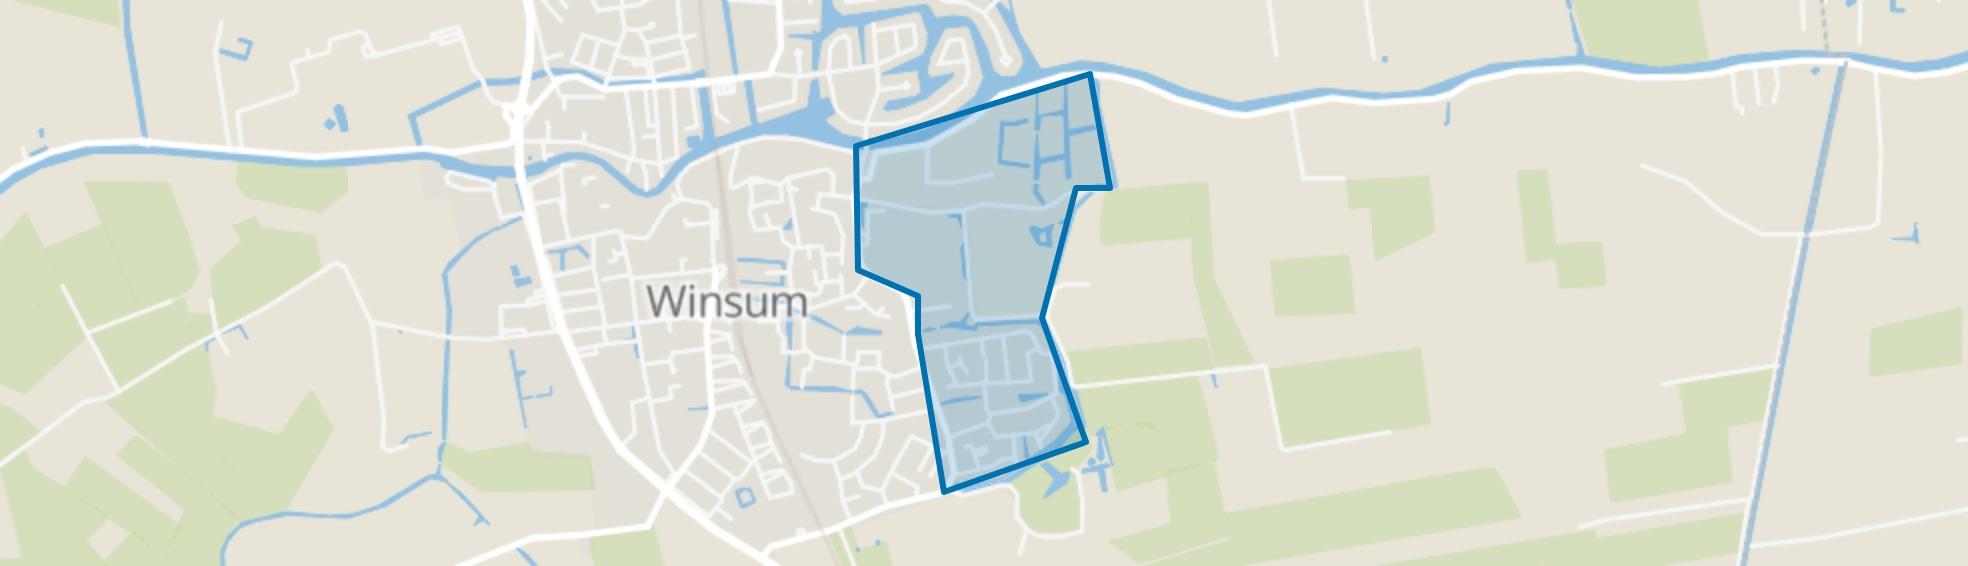 Potmaar, Winsum (GR) map